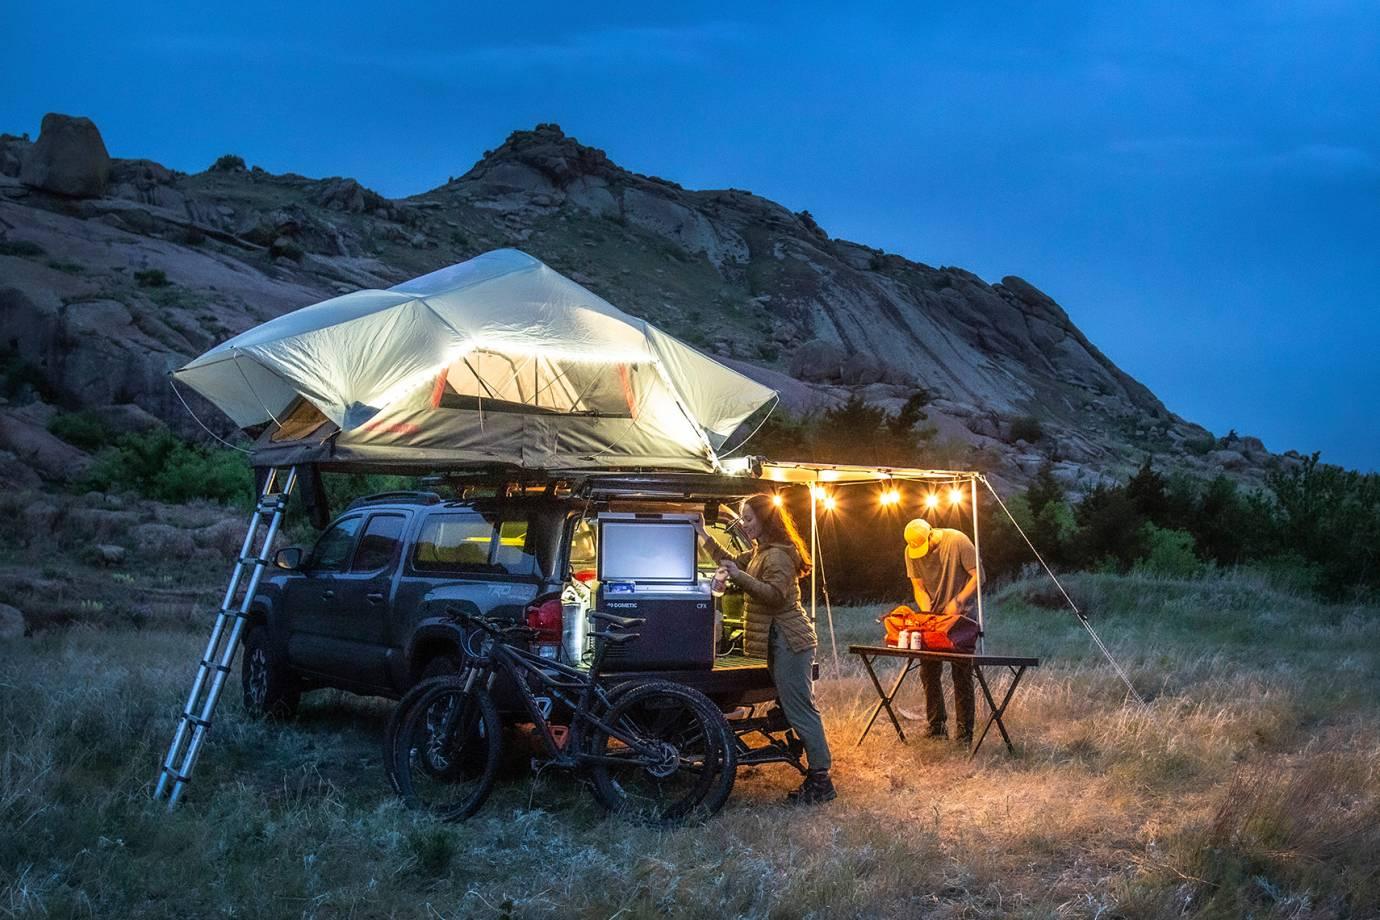 REDARC rooftop tent and camp overhang